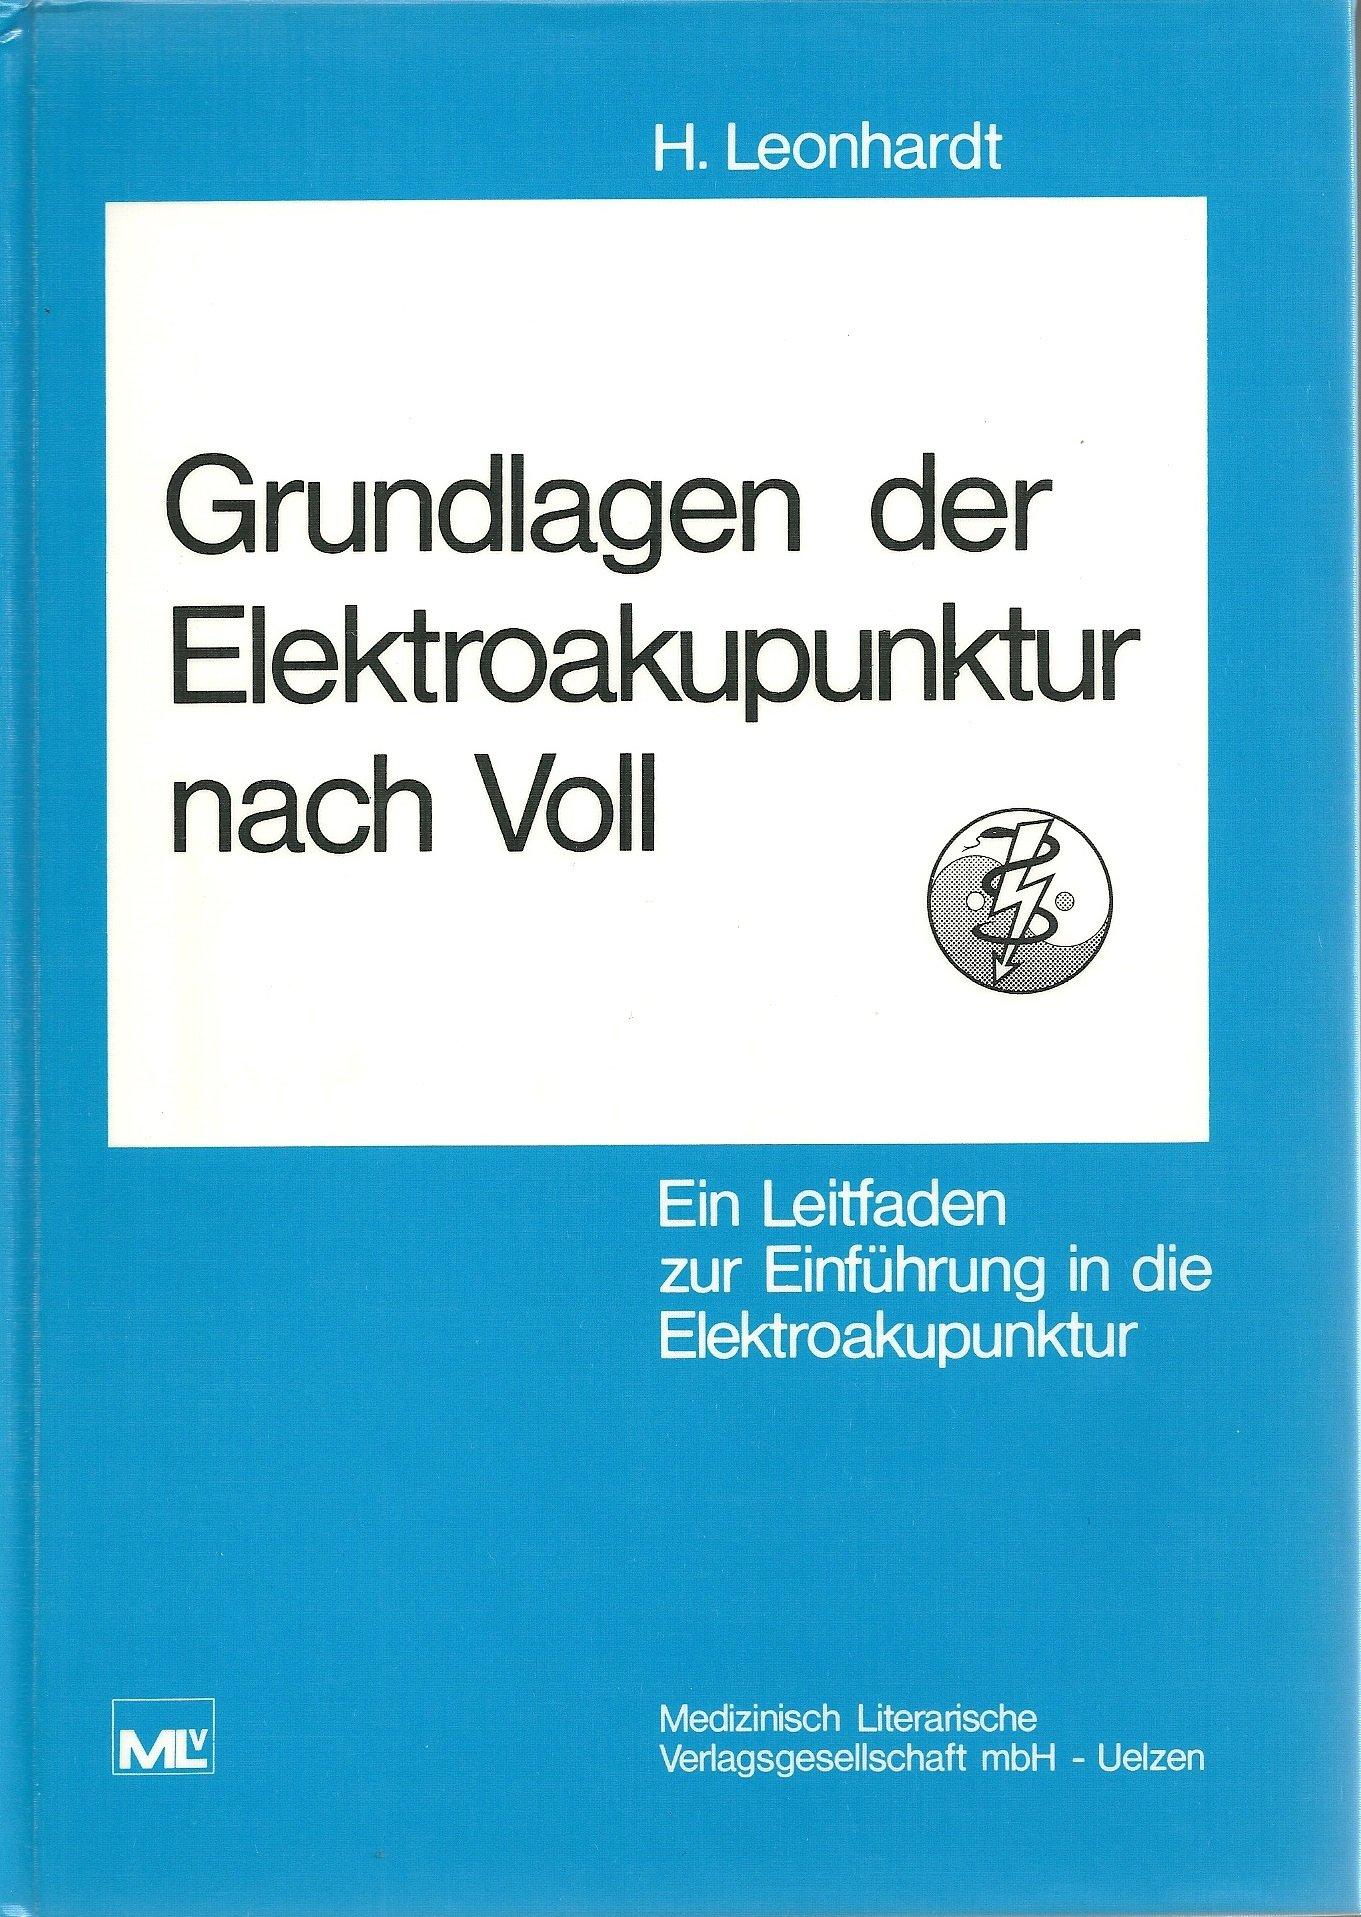 Grundlagen der Elektroakupunktur nach Voll.